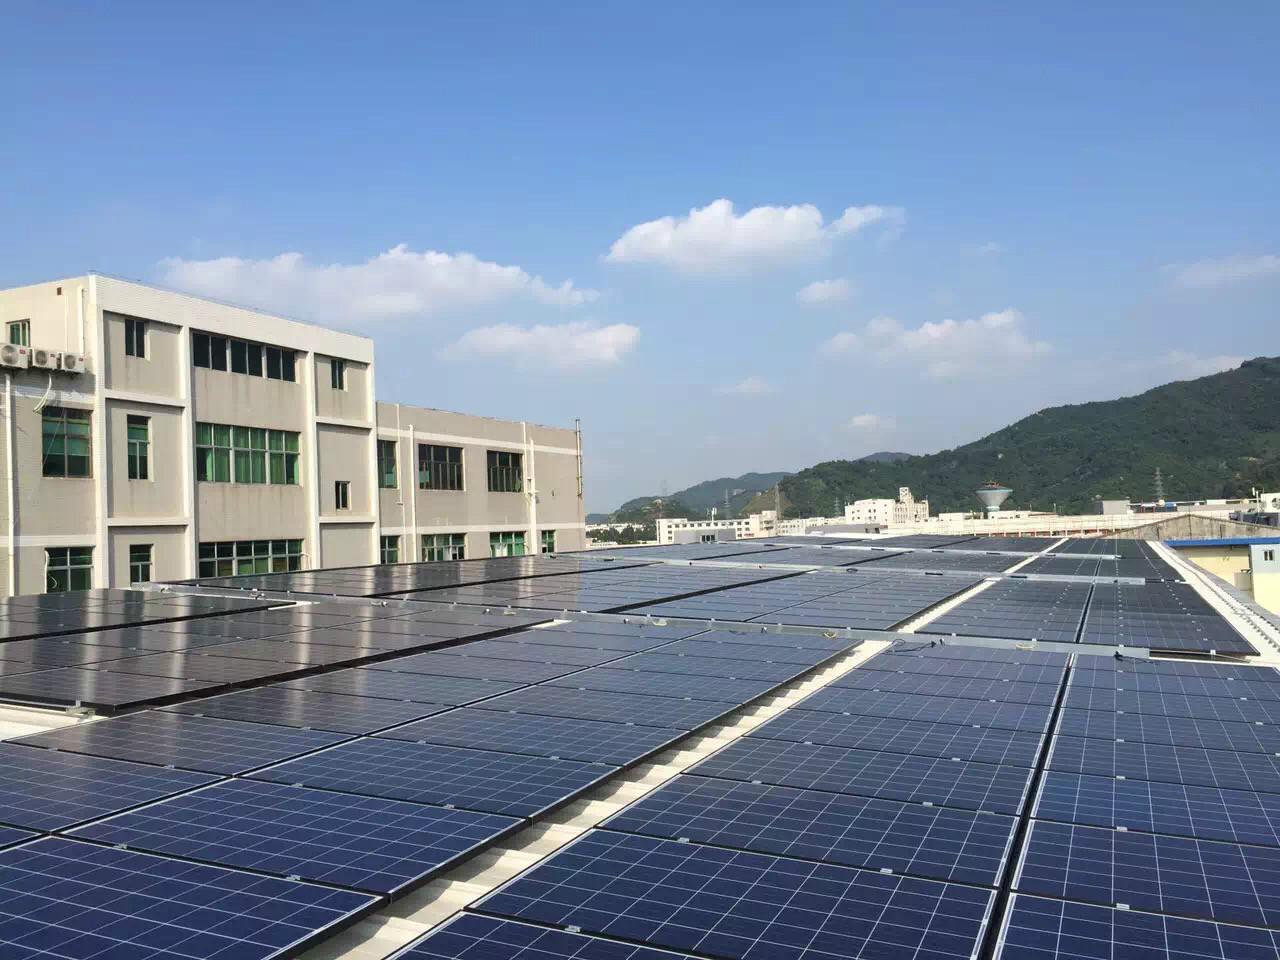 光伏宝Solarbao光伏松江100kw并网项目